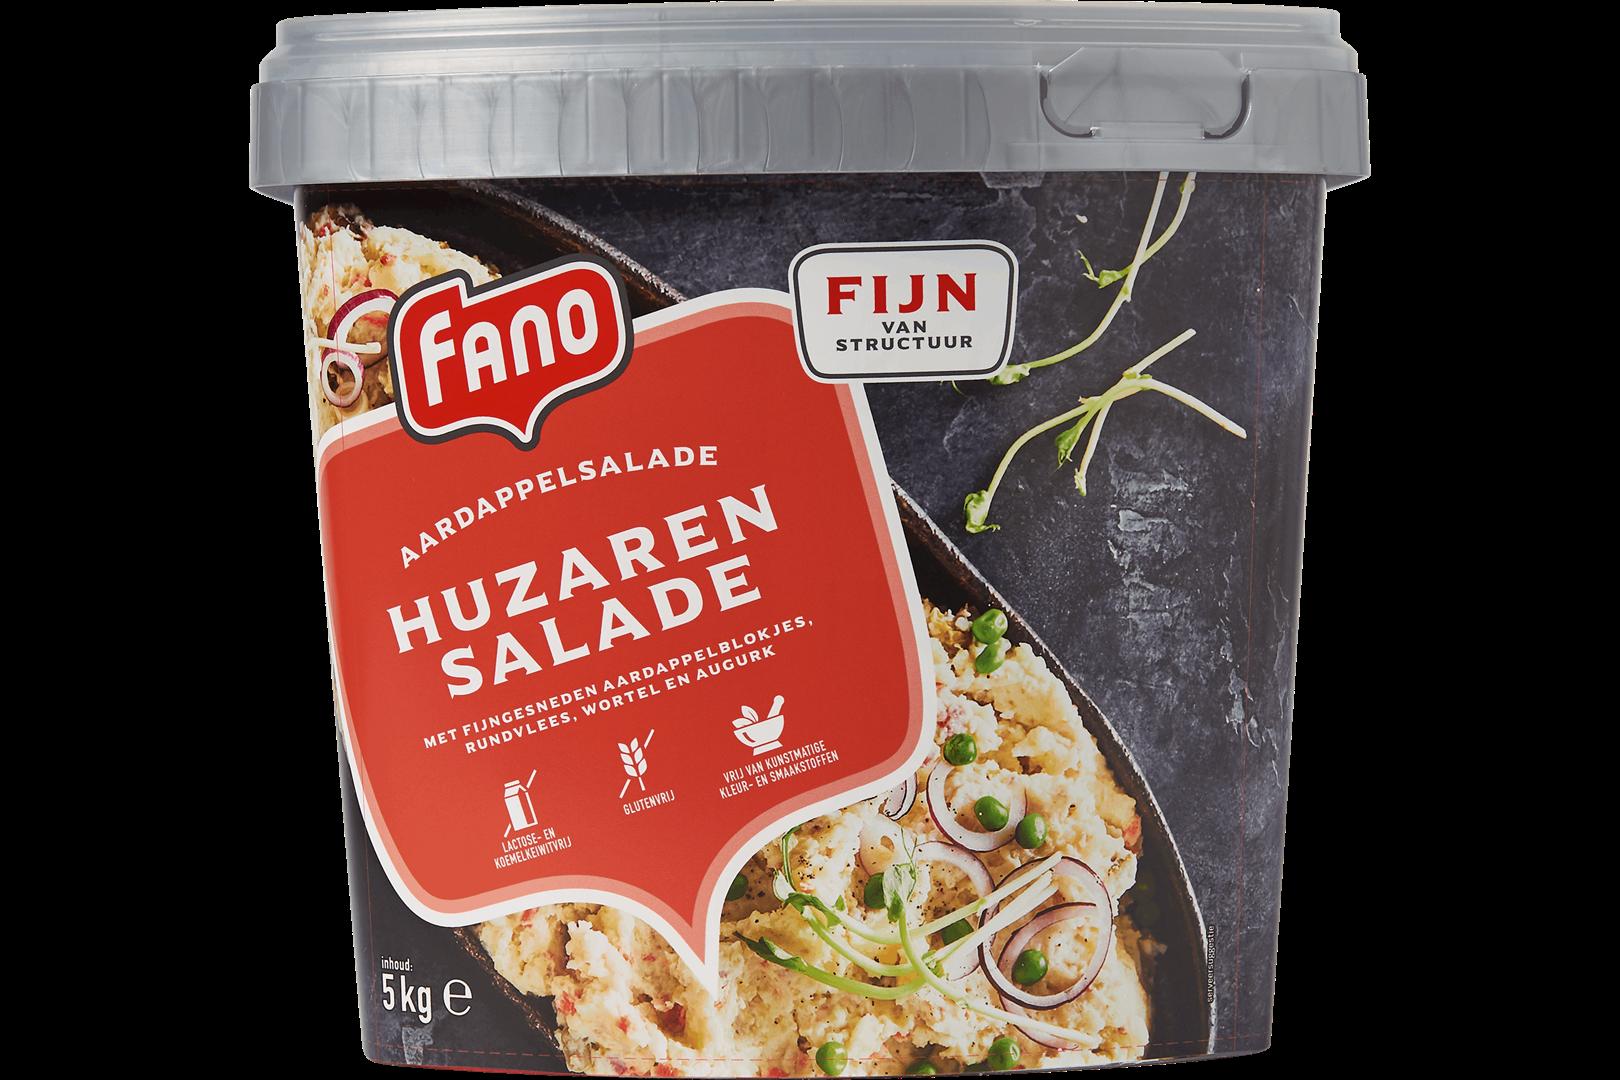 Productafbeelding FANO Huzarensalade Fijn 5kg